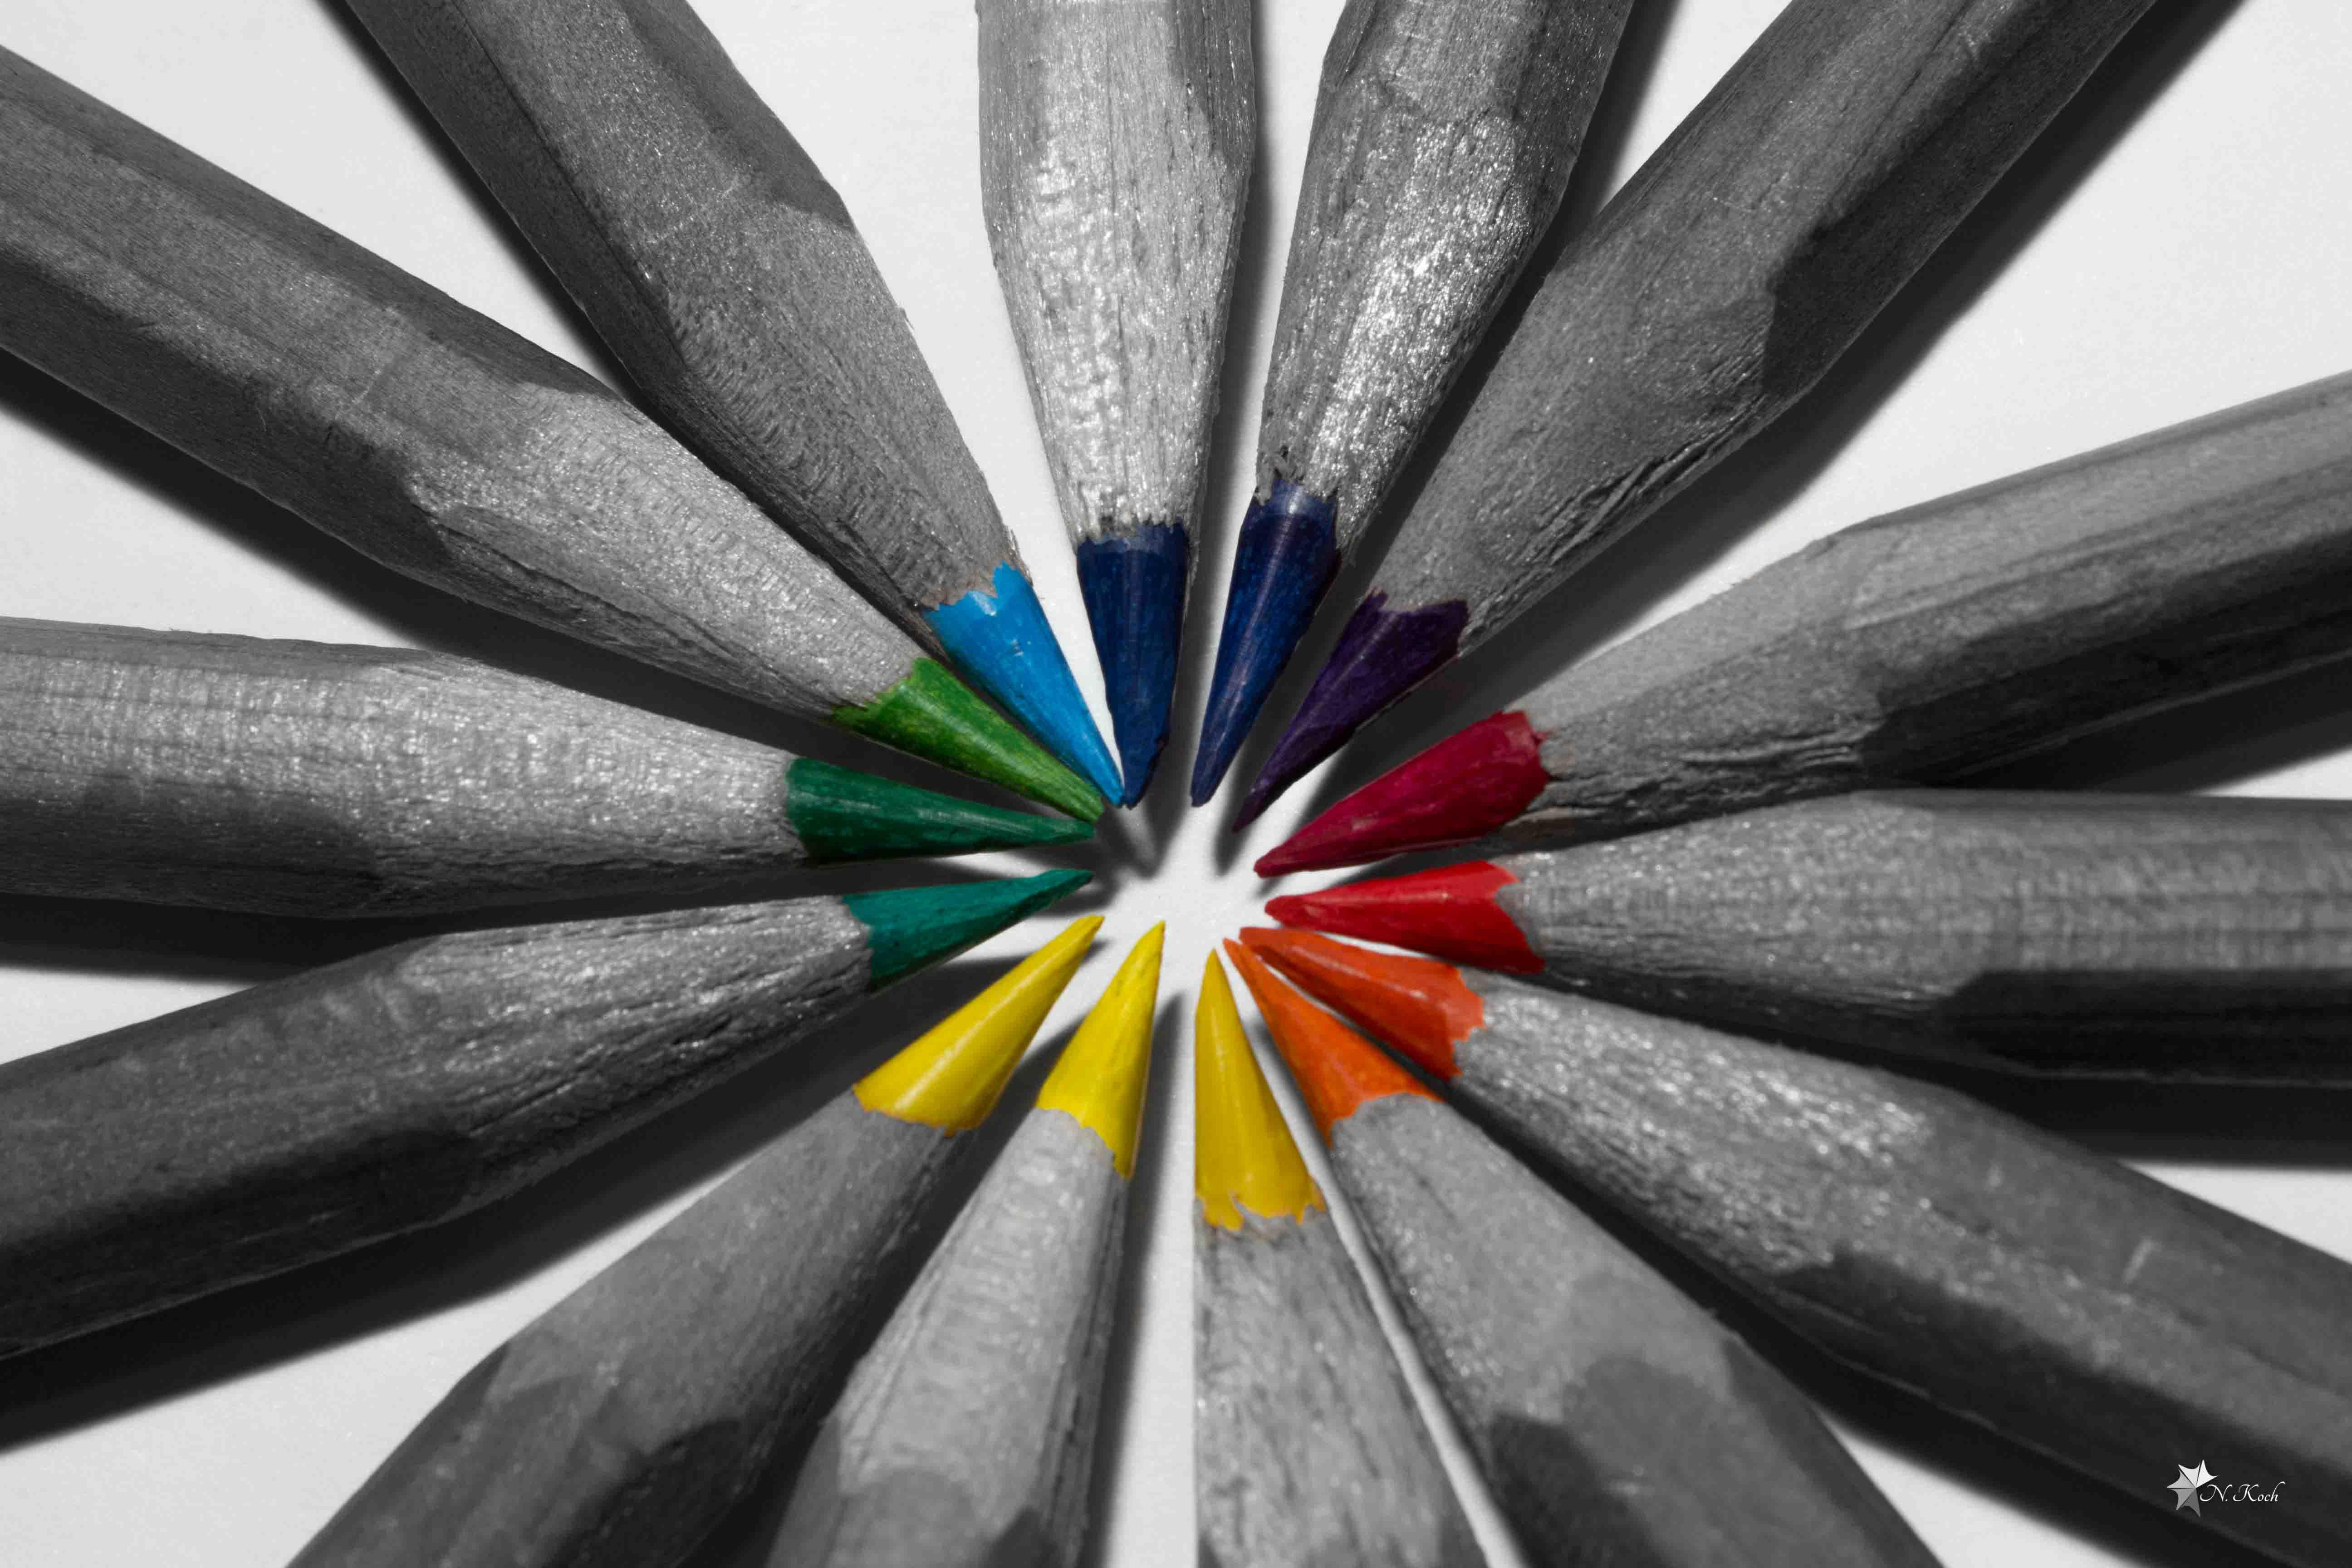 2014, Splash | Colorized pencils